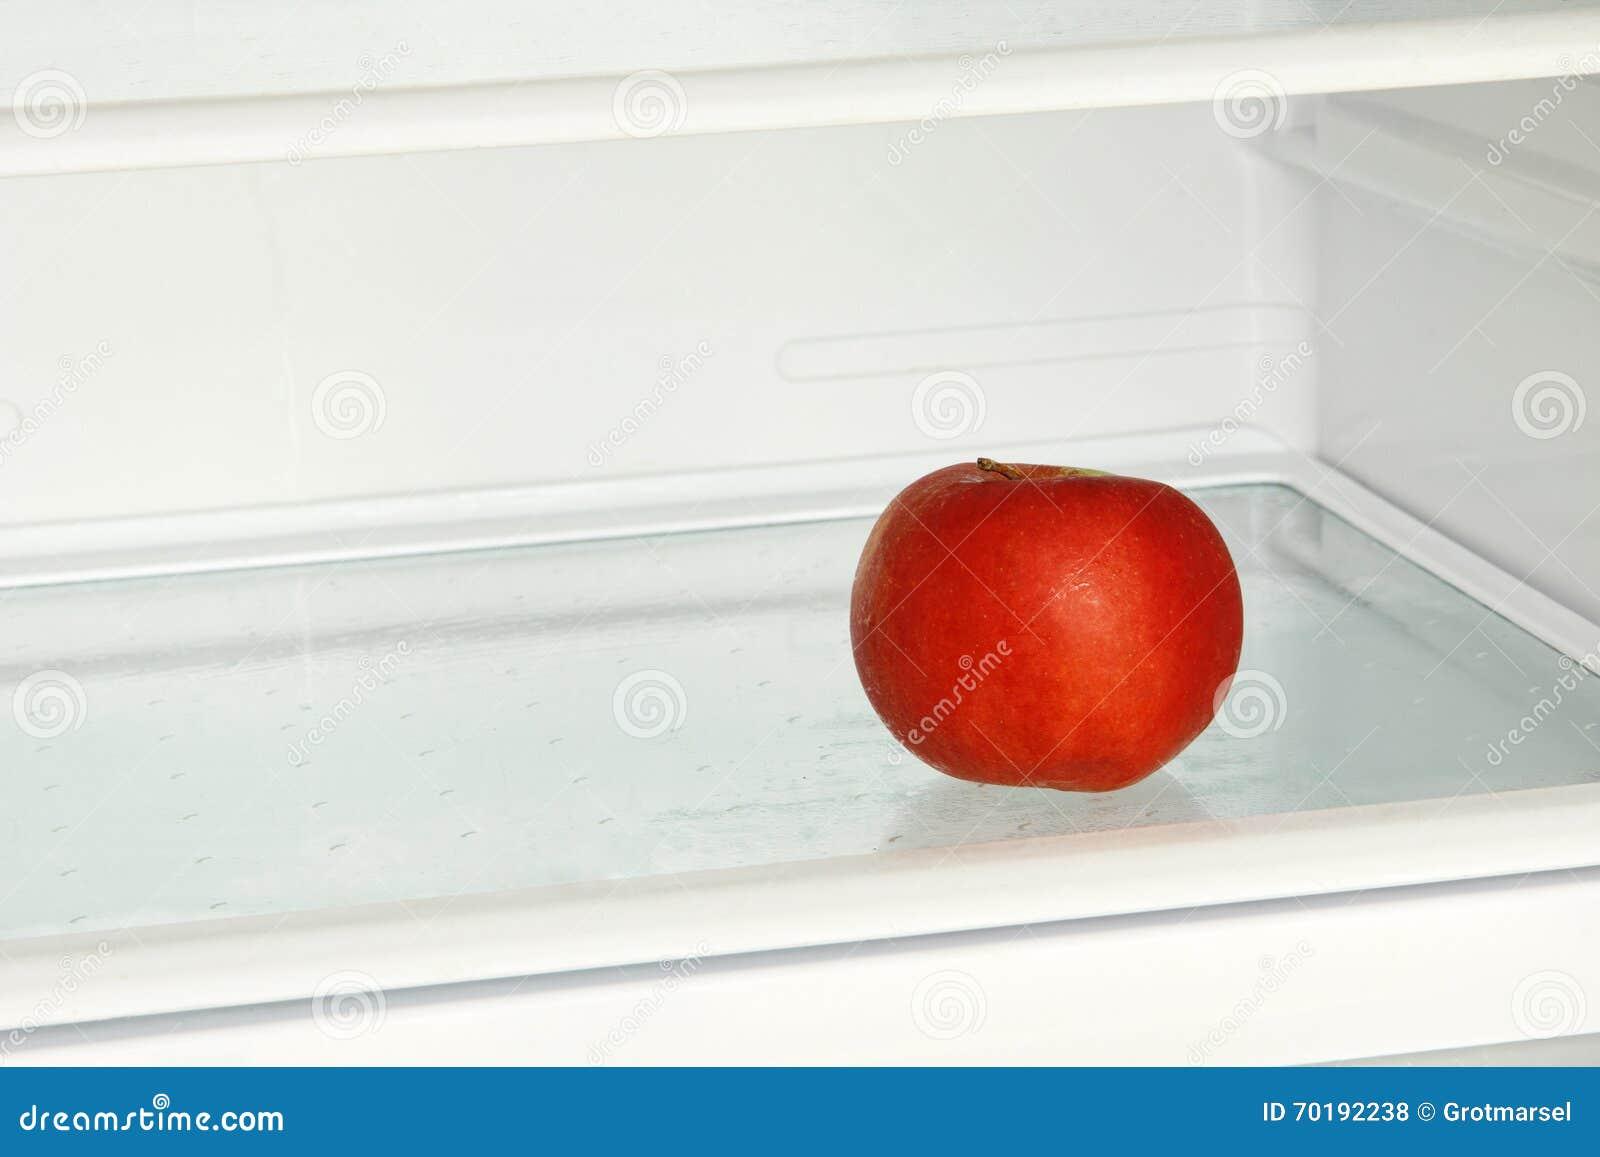 Nytt rött äpple i inhemskt kylskåp